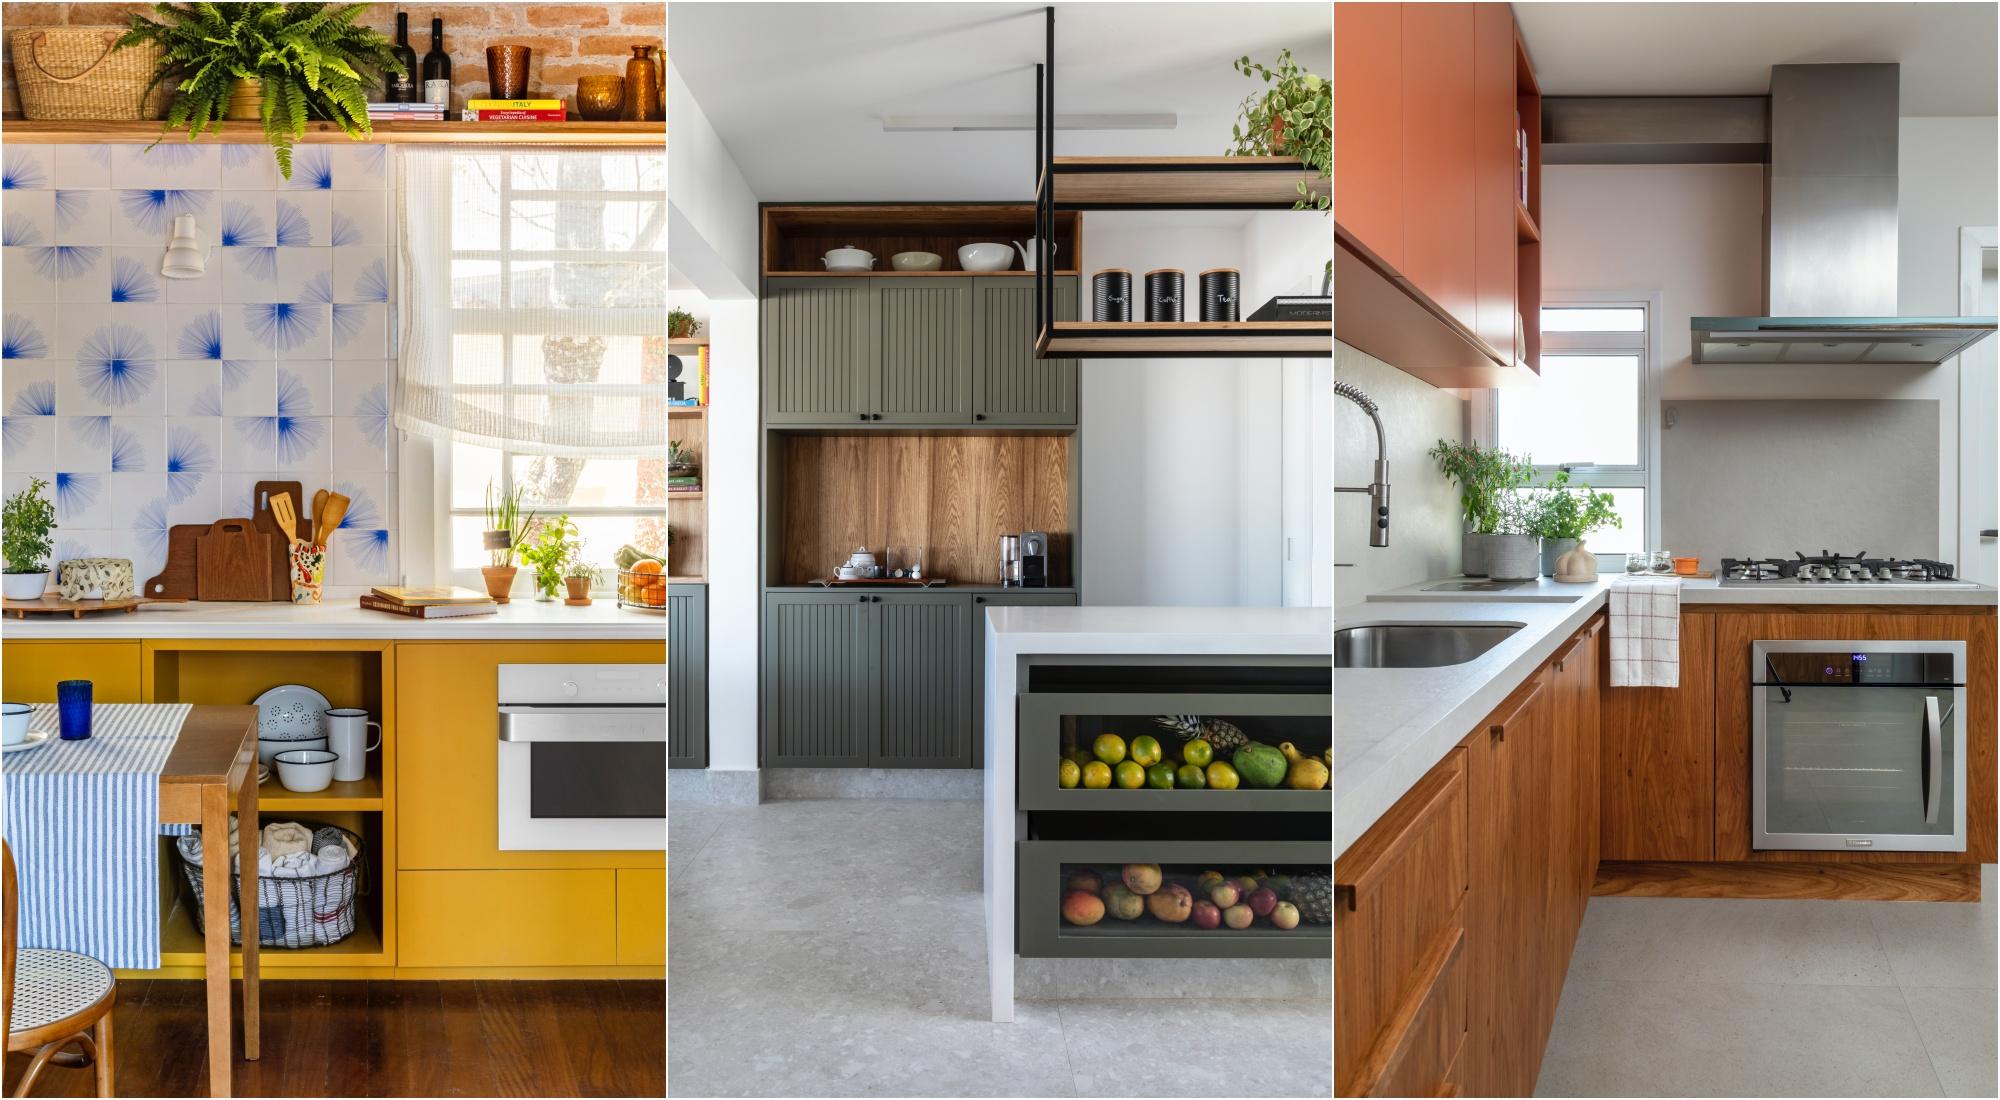 dicas de decoração para cozinha